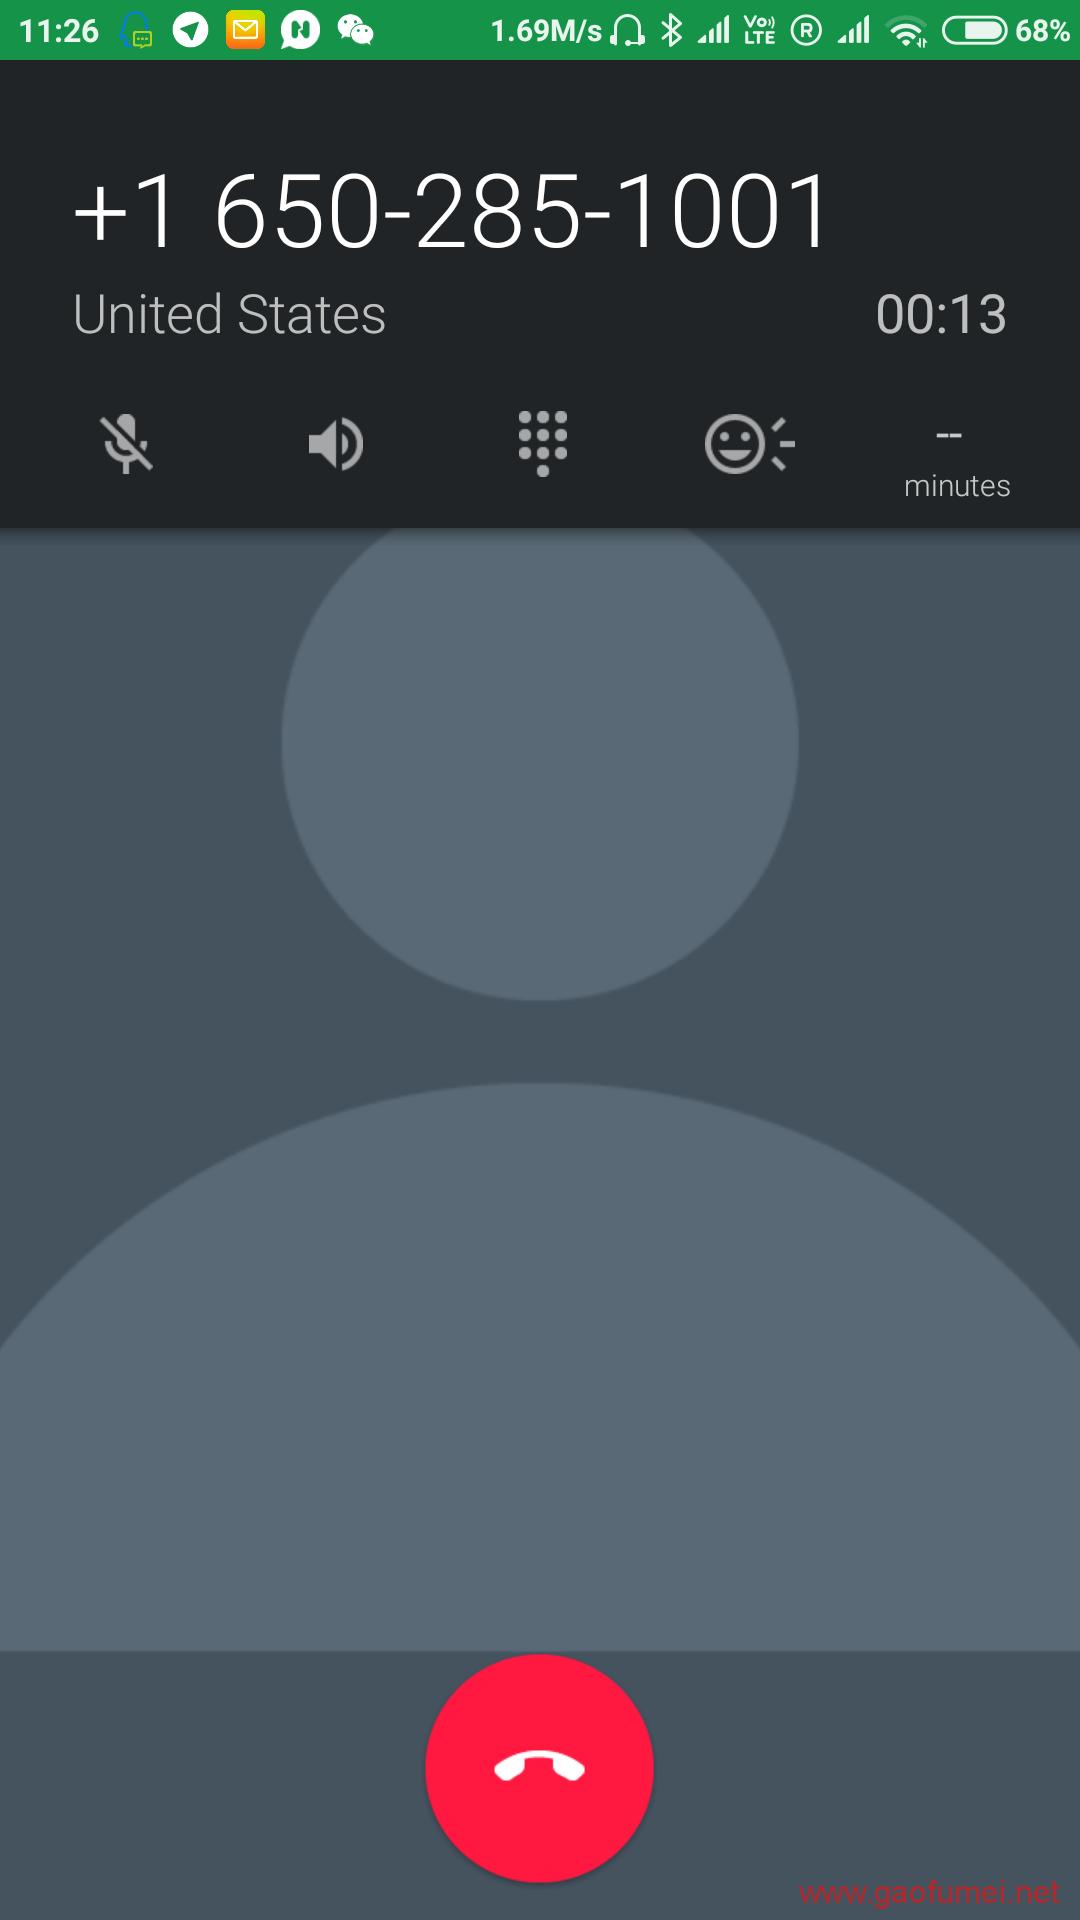 最新Google Voice 虚拟美国电话卡的注册方法(无需脚本,简单快速) 网络问题 第6张-泥人传说